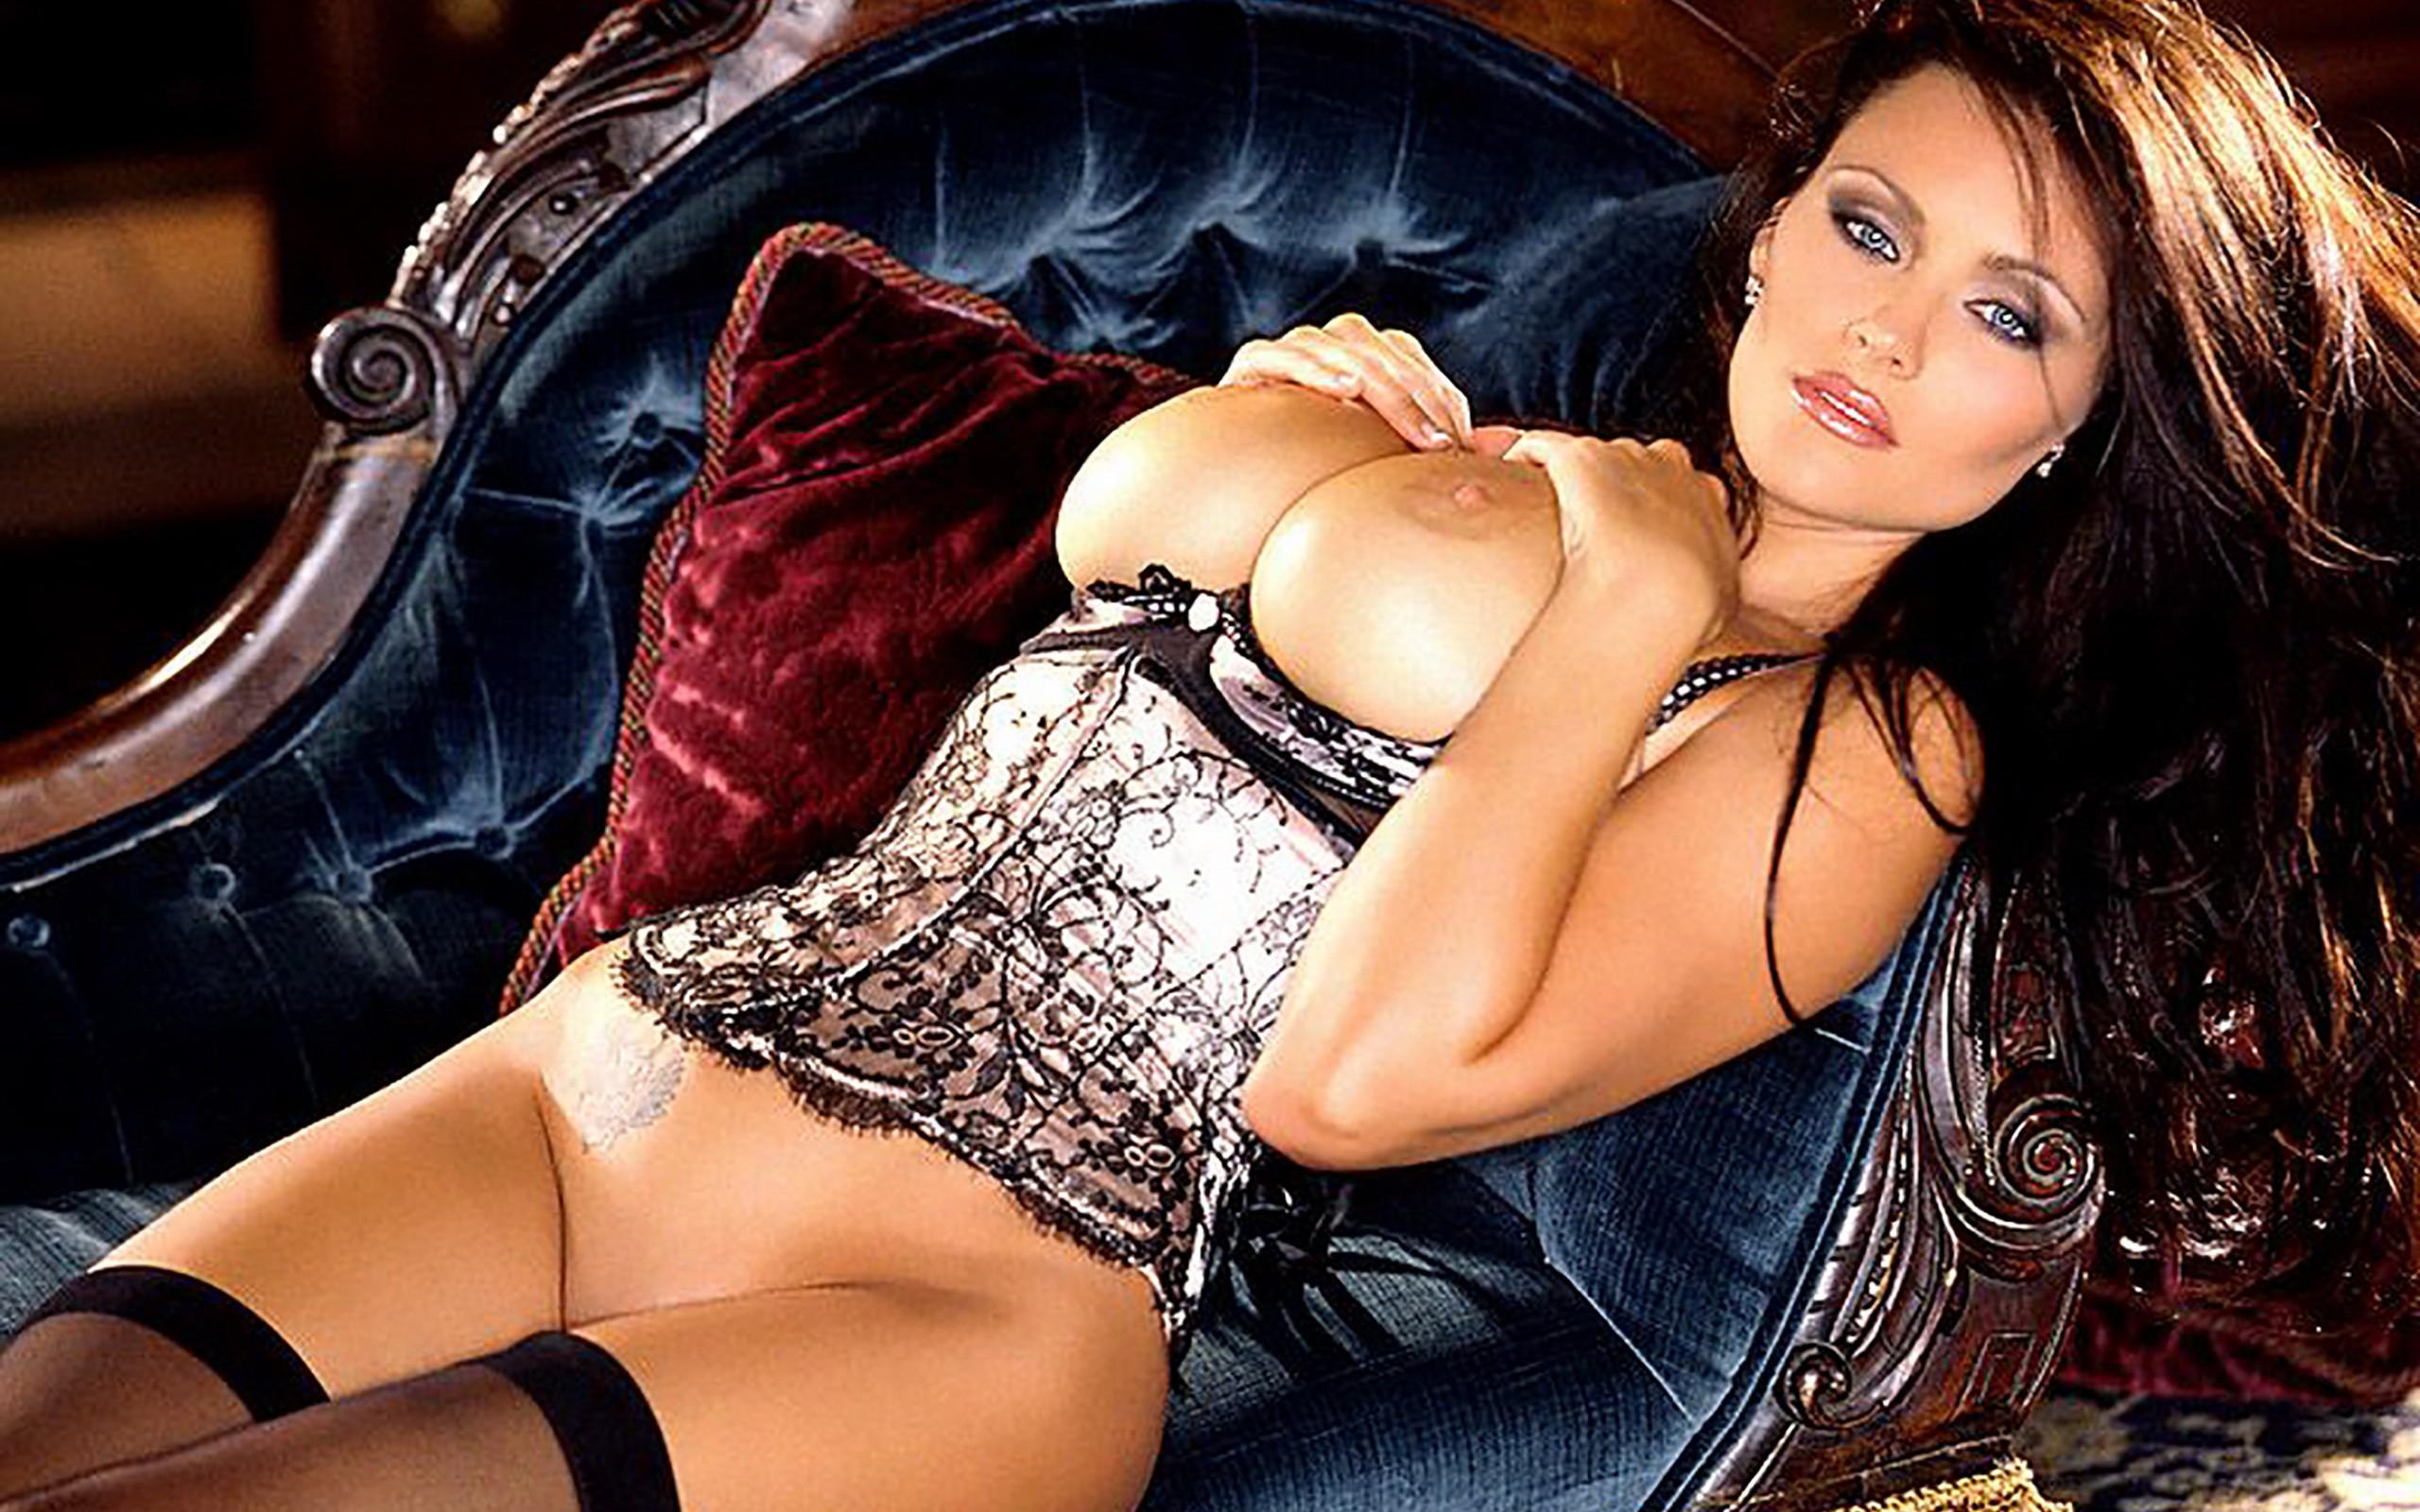 что самые сексуальные фото со всего мира кончаю, удовольствие